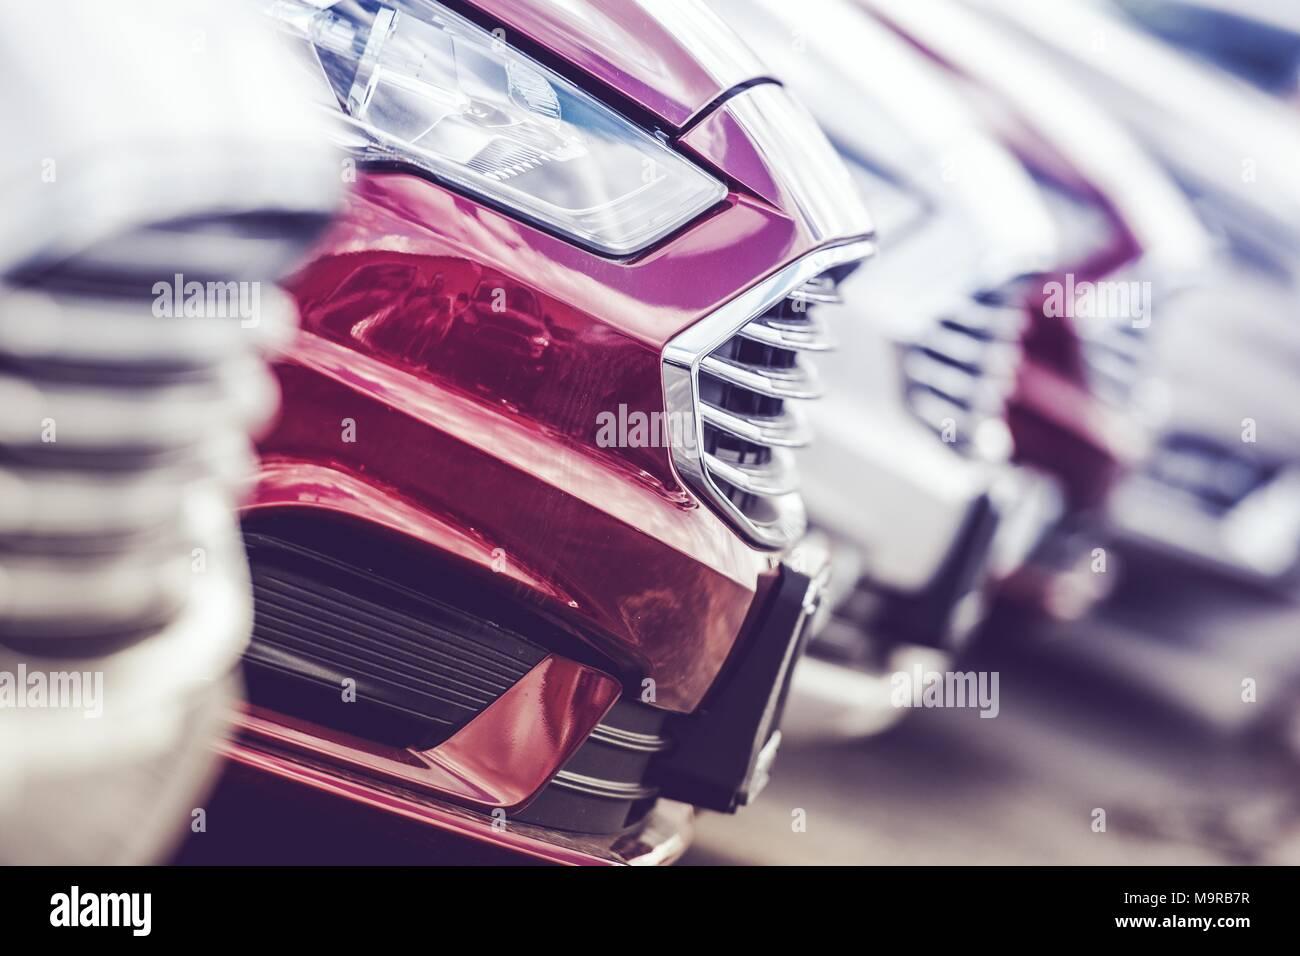 Automobilindustrie Konzept. Neue Autos. Neue Fahrzeuge im Werk. Stockfoto